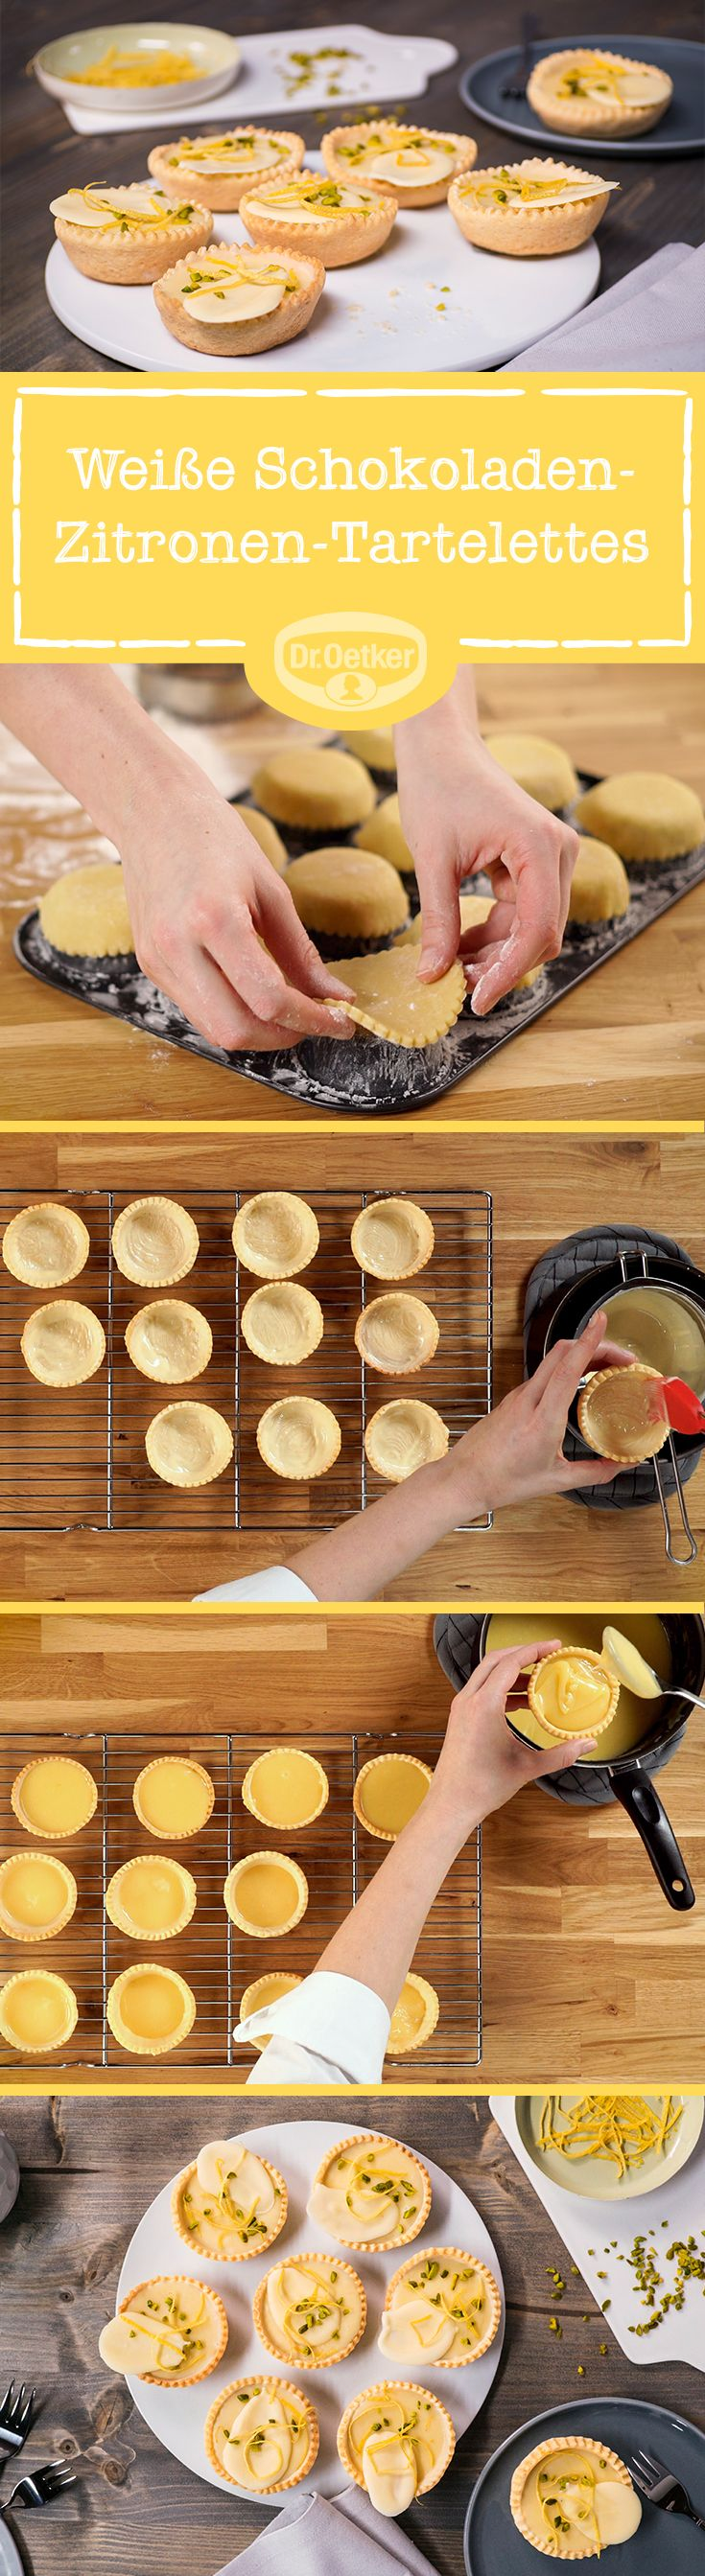 Kleine Knusperschalen, die mit einer fruchtig-säuerlichen Zitronencreme und einer weißen Schoko-Canache gefüllt werden (Cheesecake Cupcake Recipes)